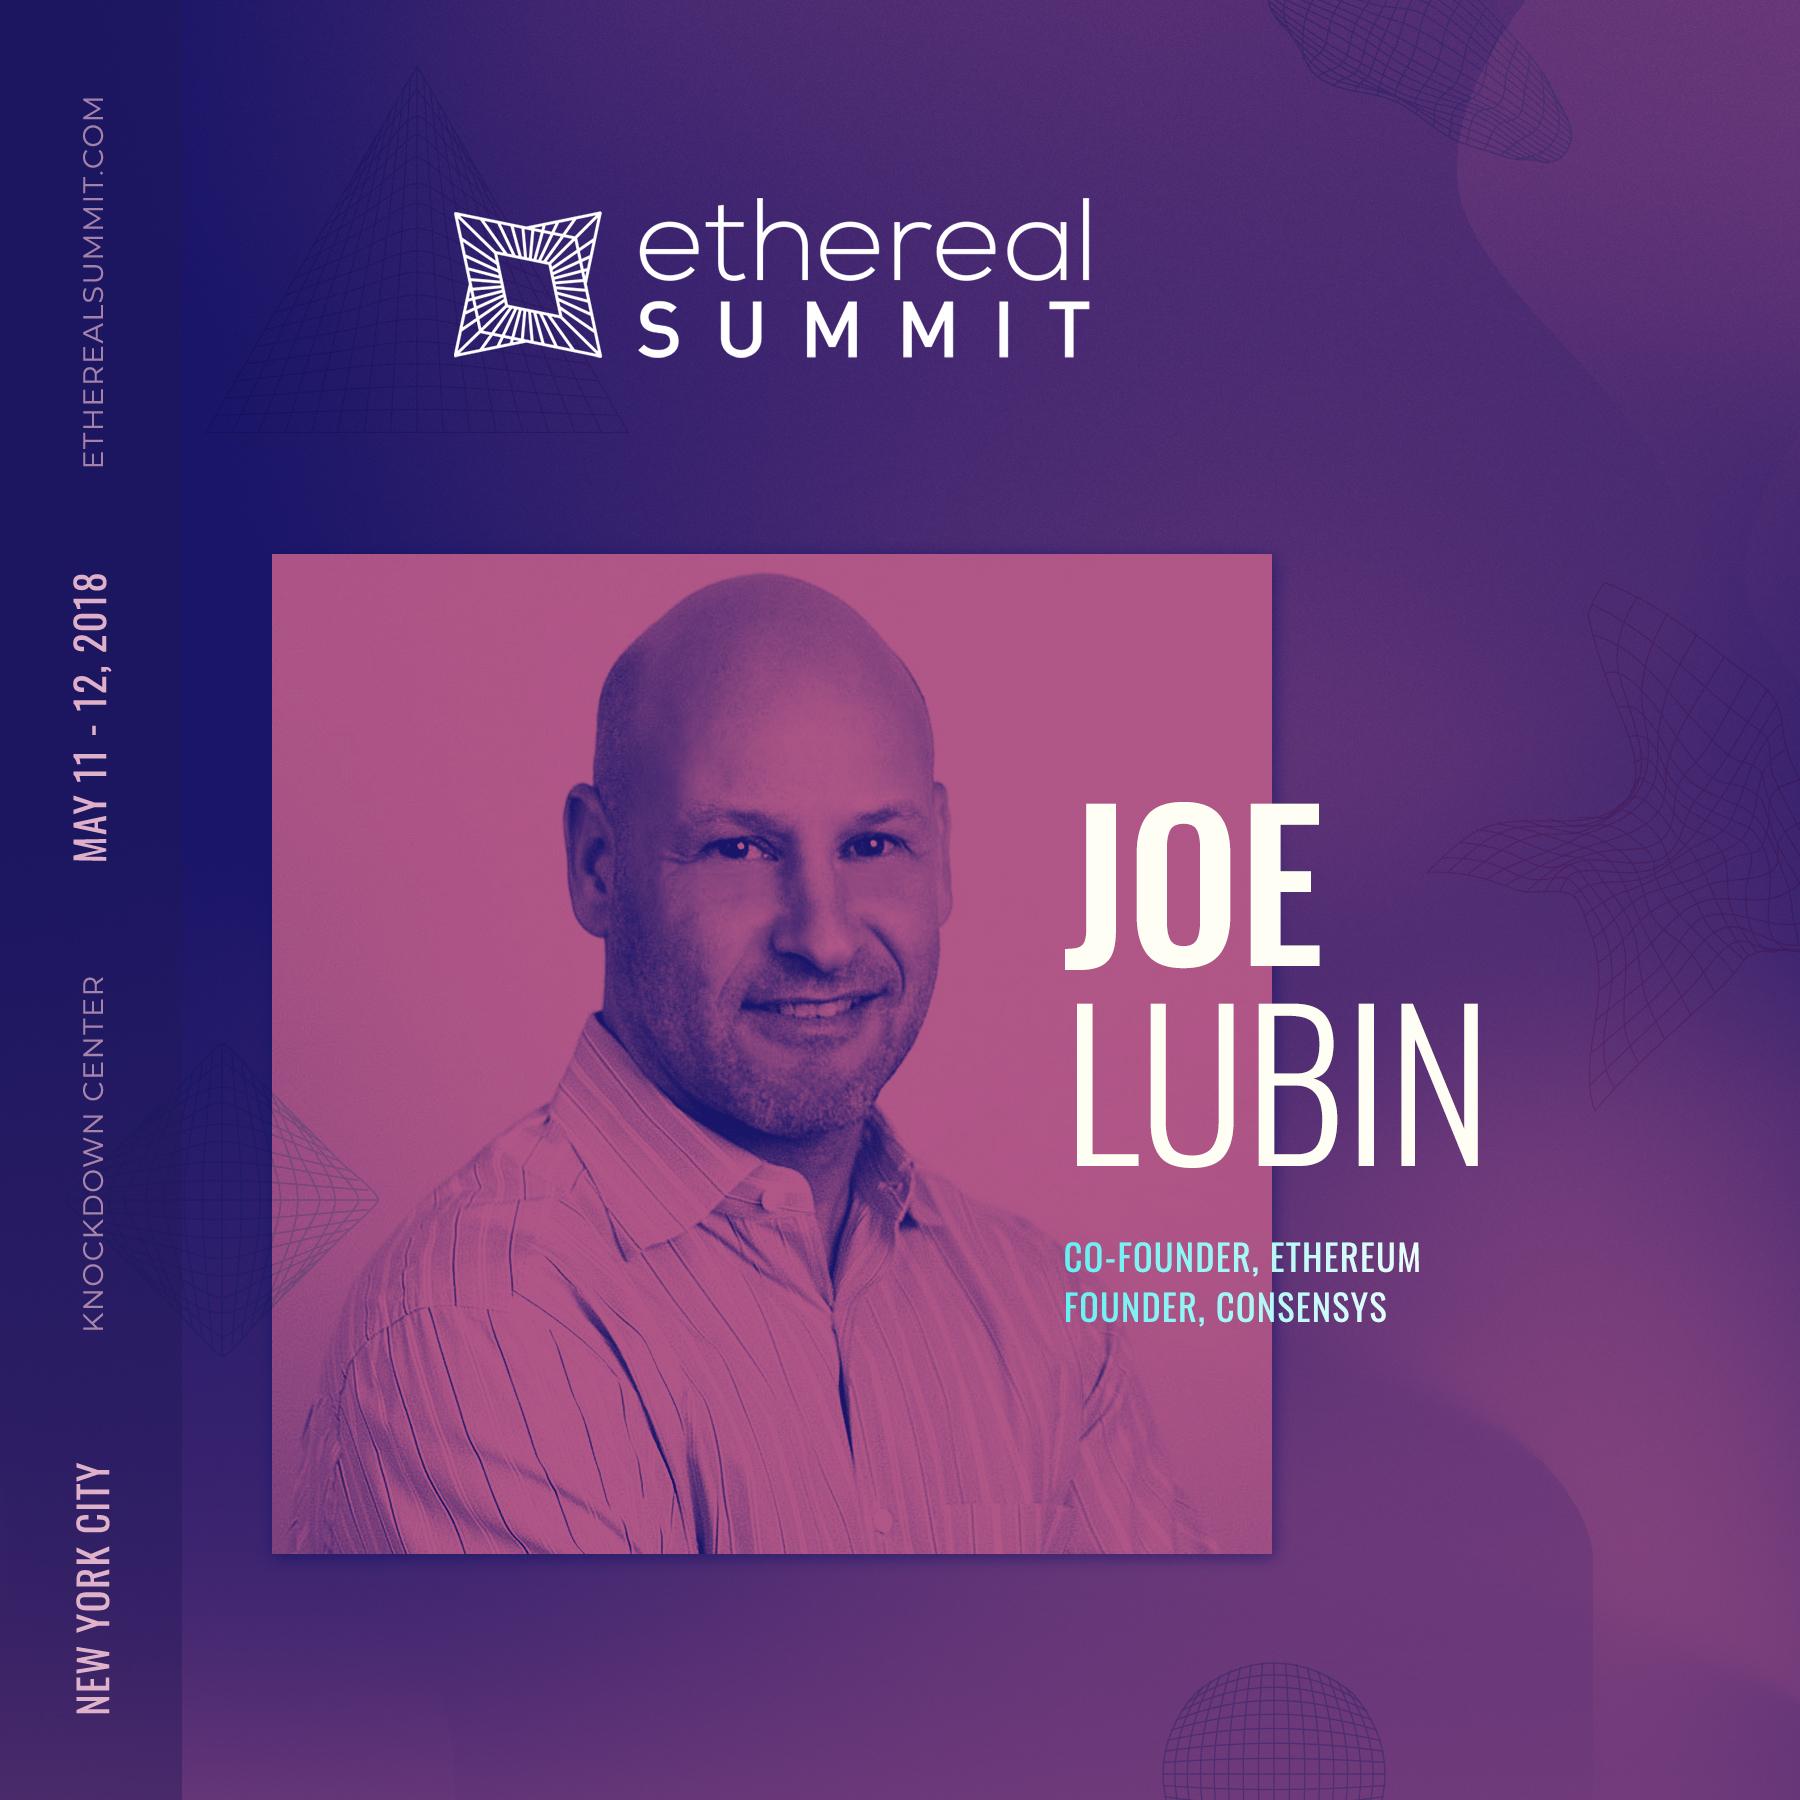 Joe Lubin